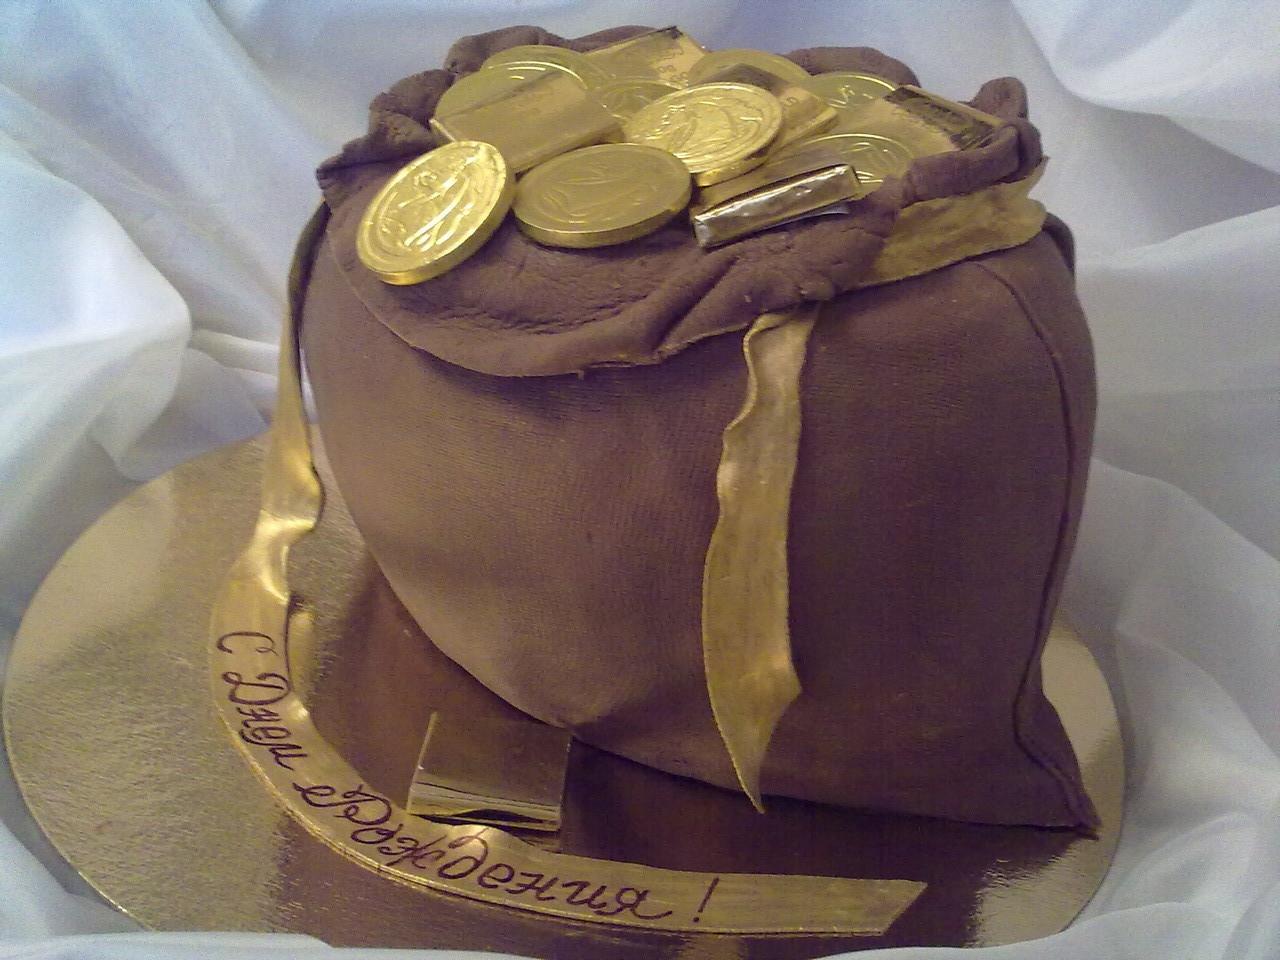 особенного образе торт мешок с деньгами из мастики фото разных